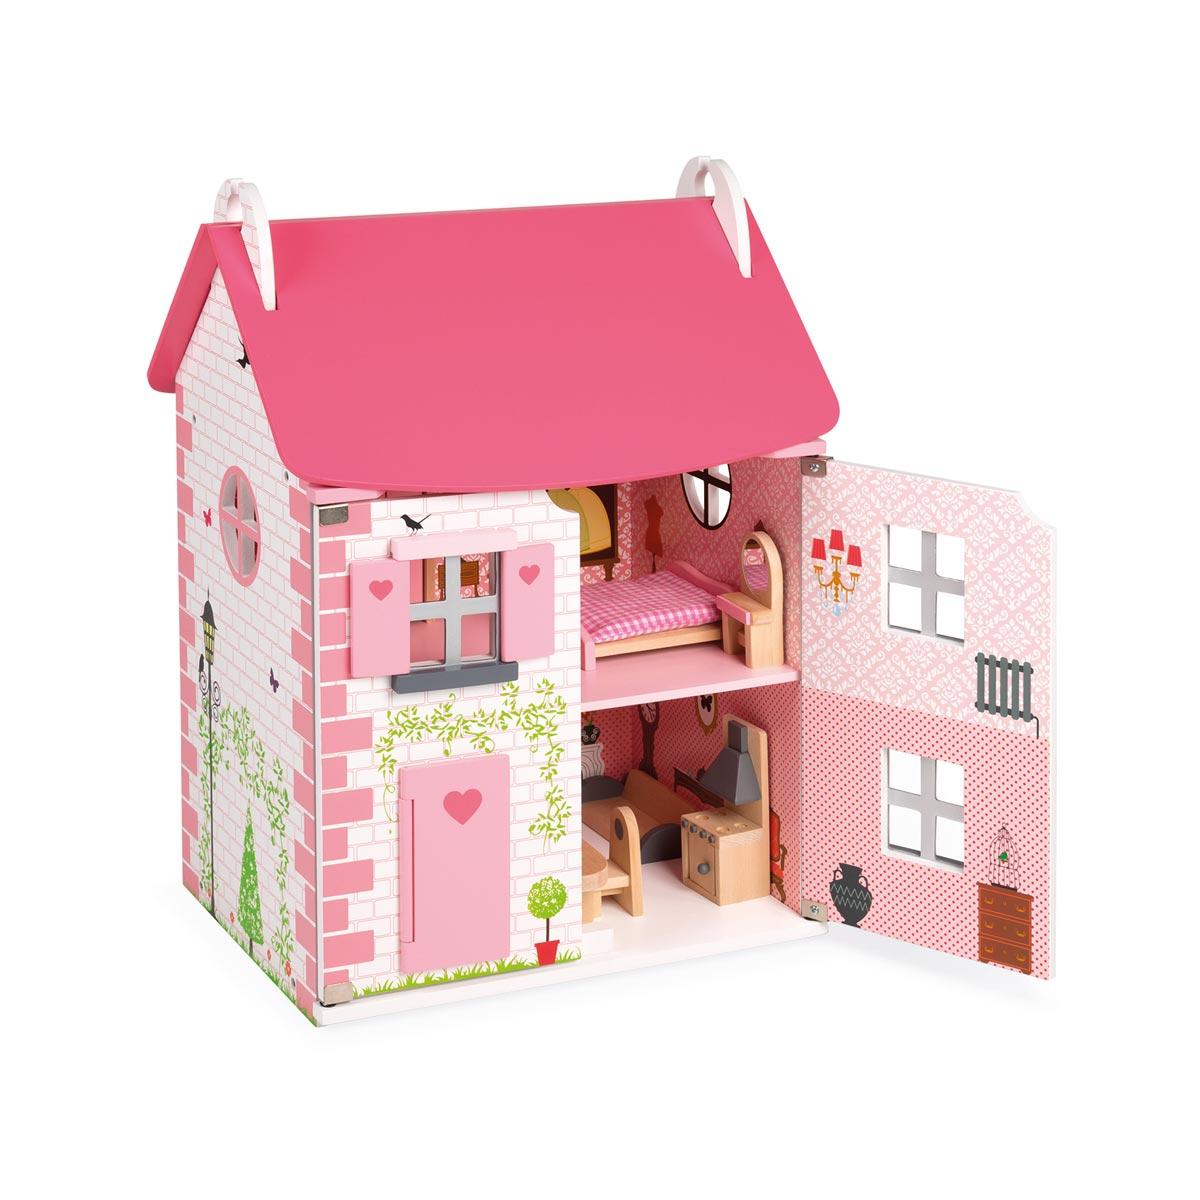 Jeu de maison perfect plan d with jeu de maison gallery of affordable enfant cadeau promotion - Jeu de maison a decorer ...